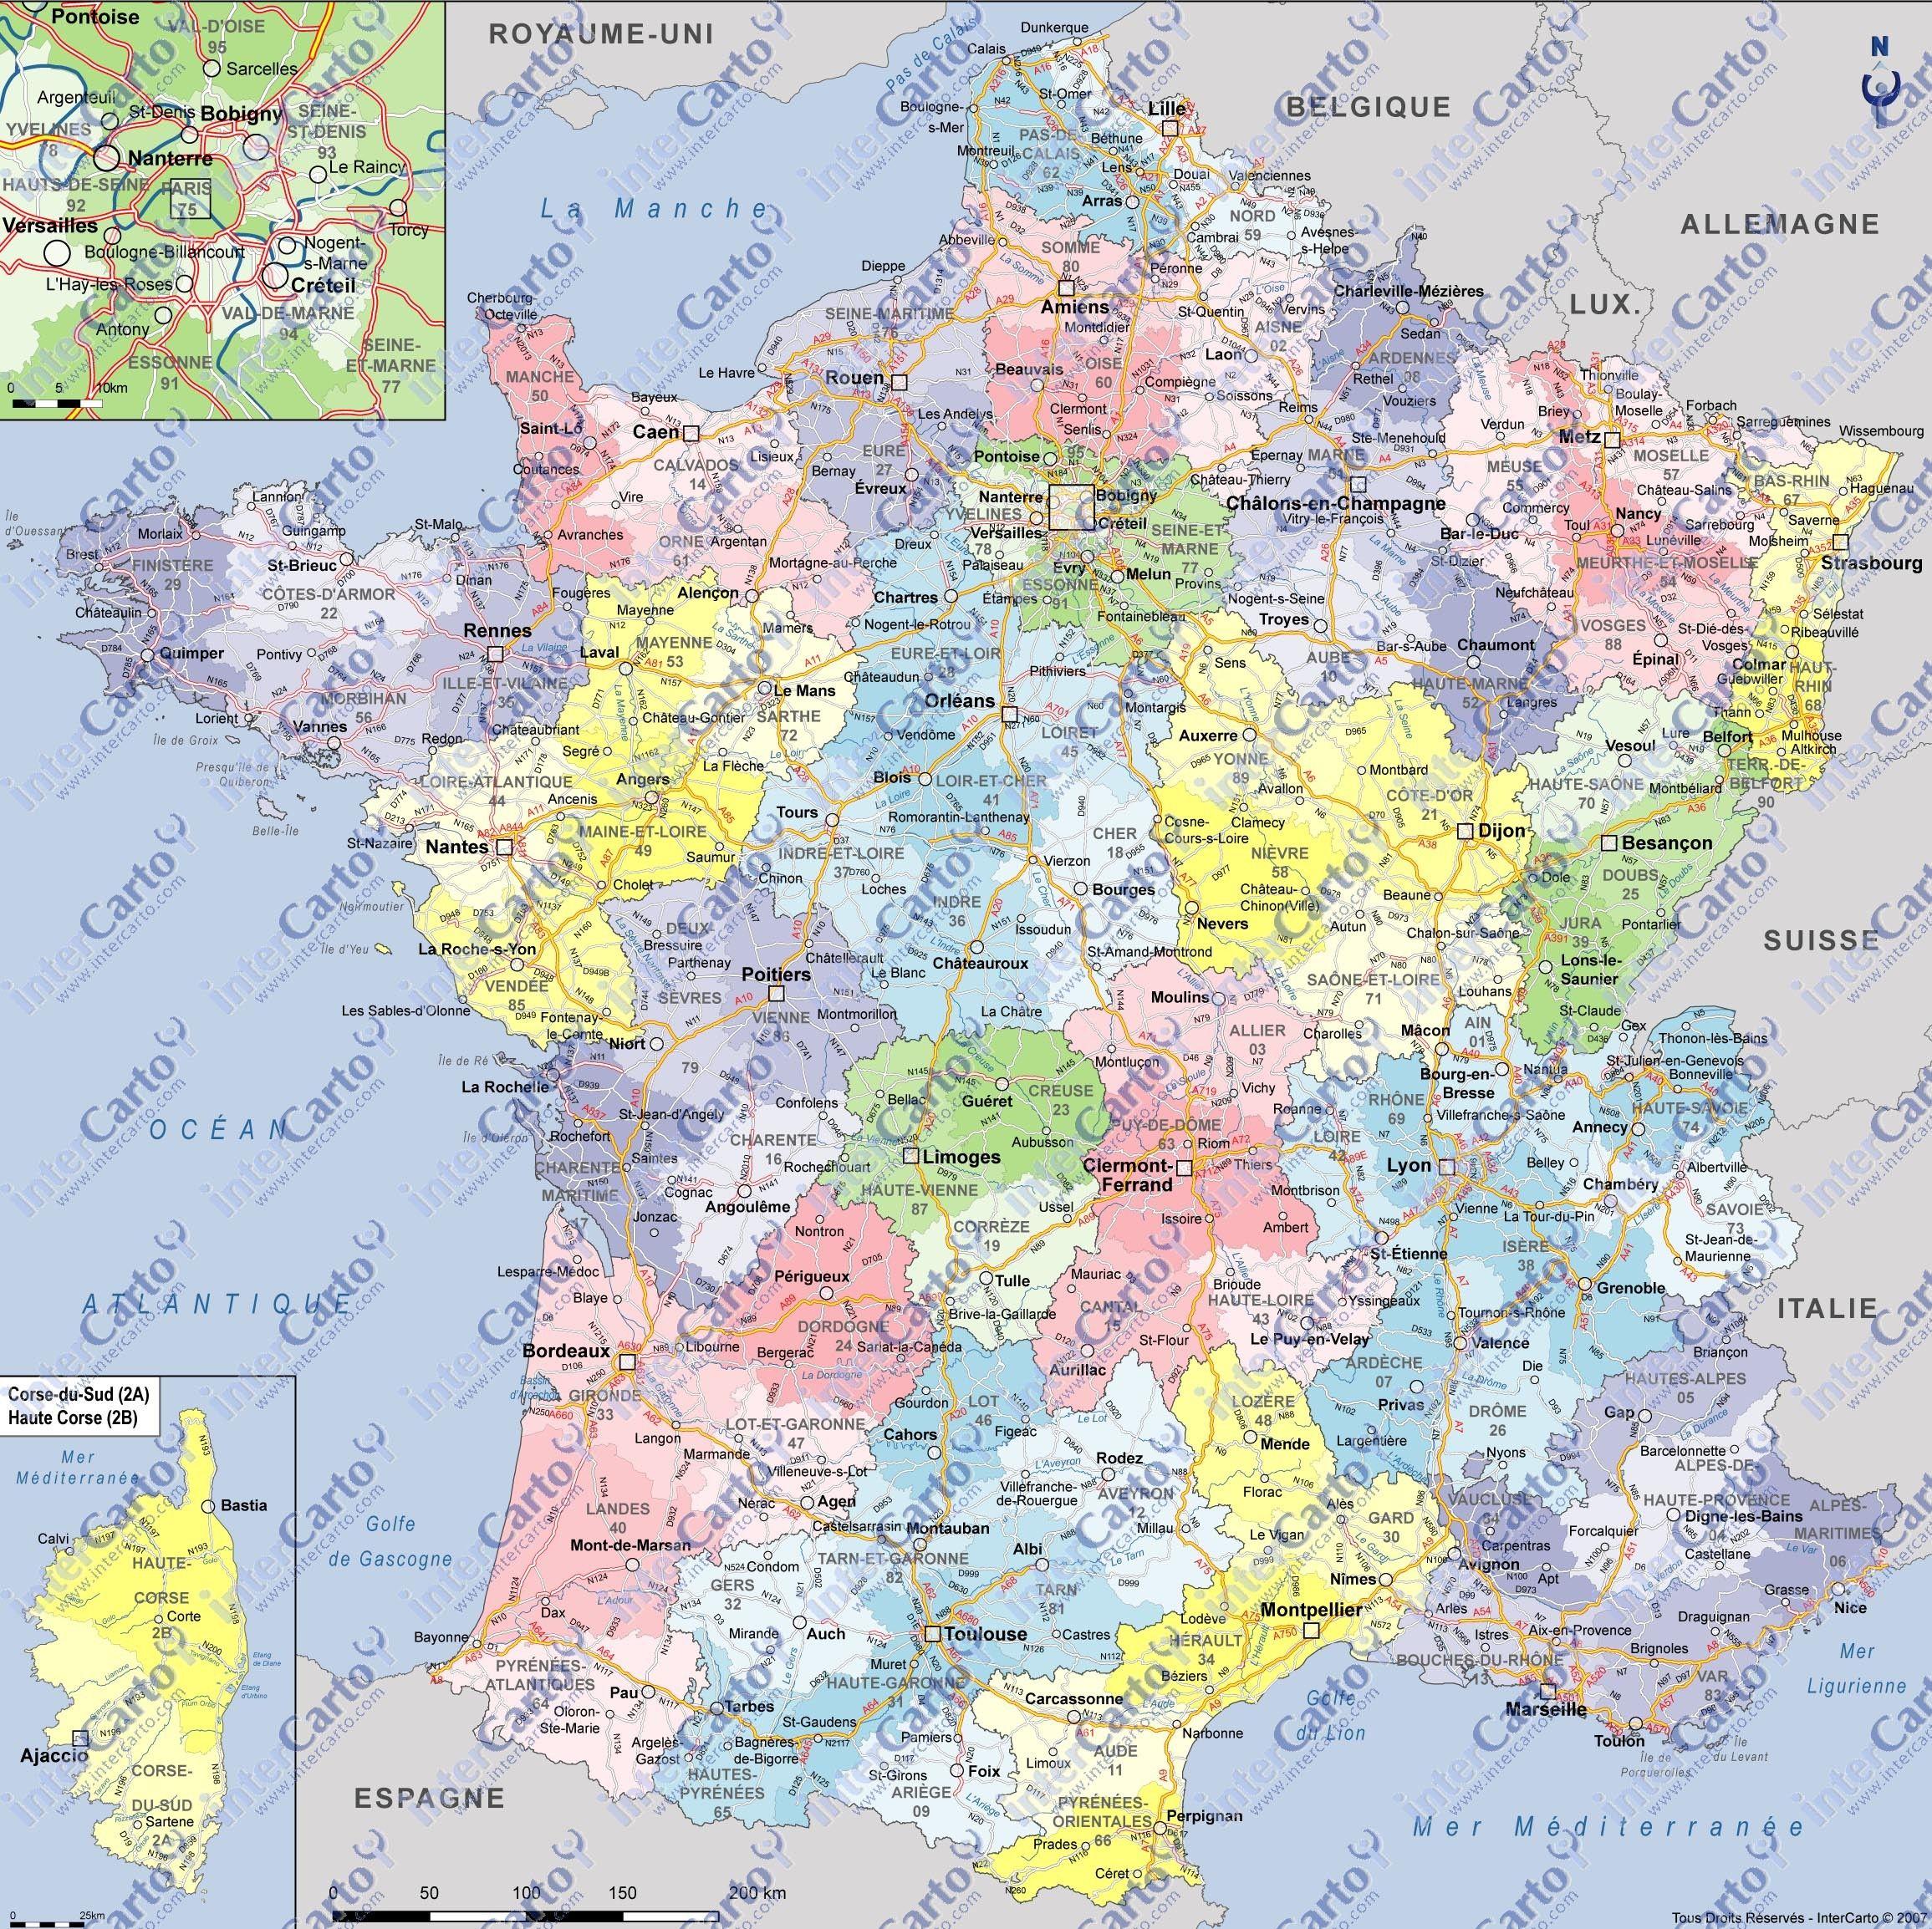 Carte De France Départements Villes Et Régions   Carte De concernant Carte De France Avec Villes Et Départements